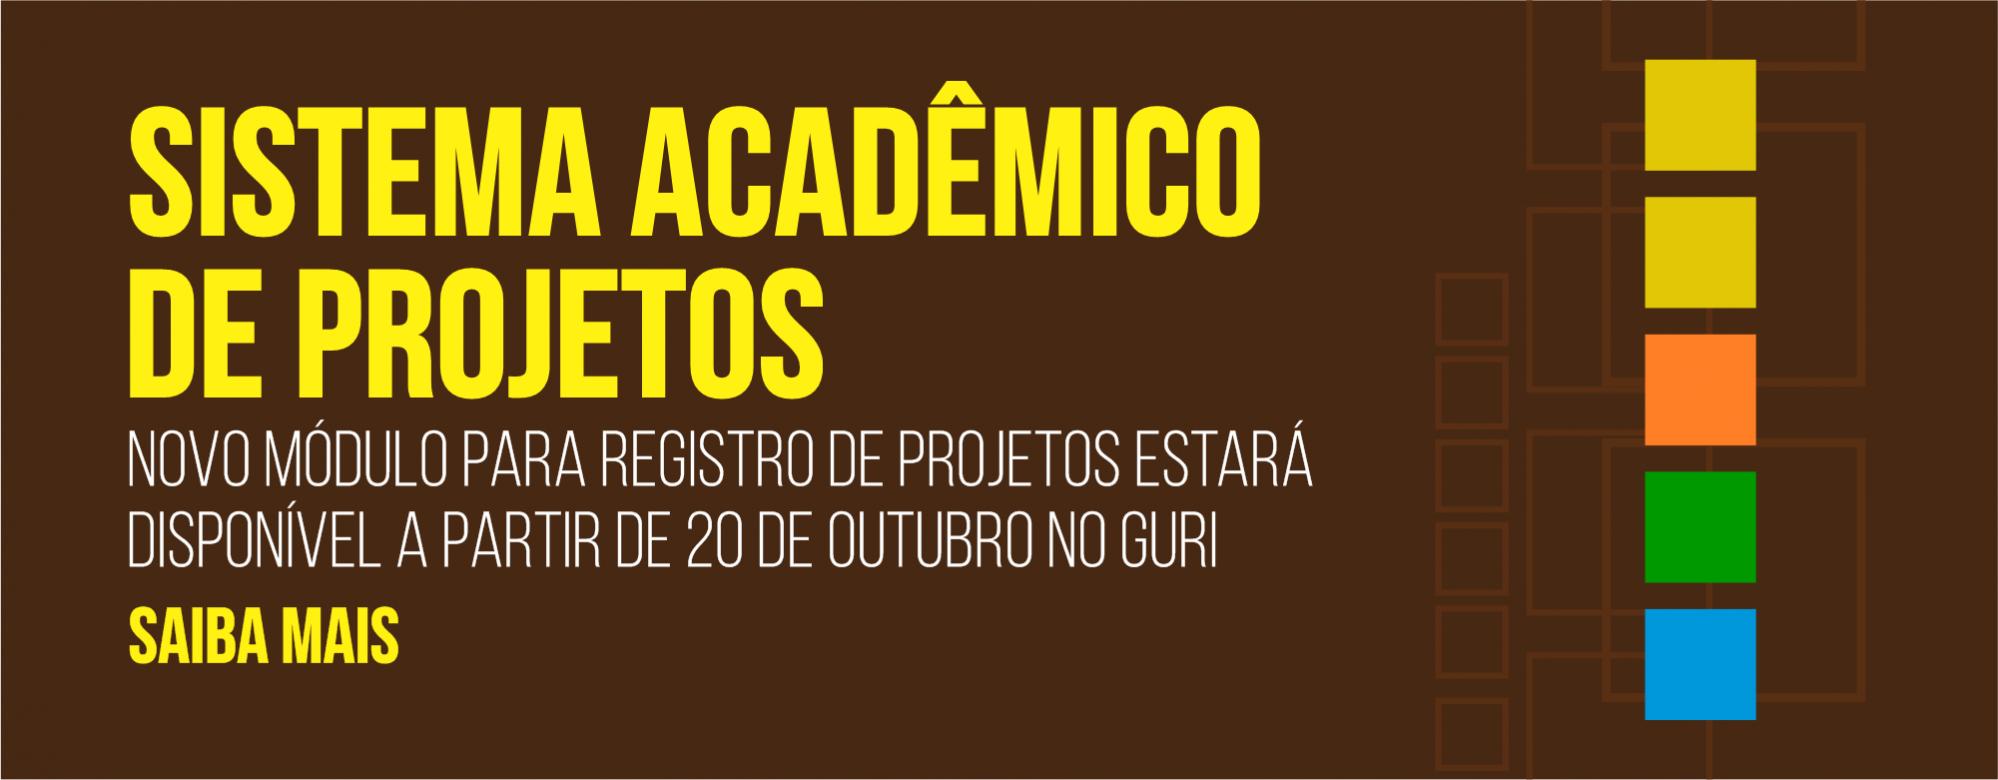 Unipampa implementa Sistema Acadêmico de Projetos